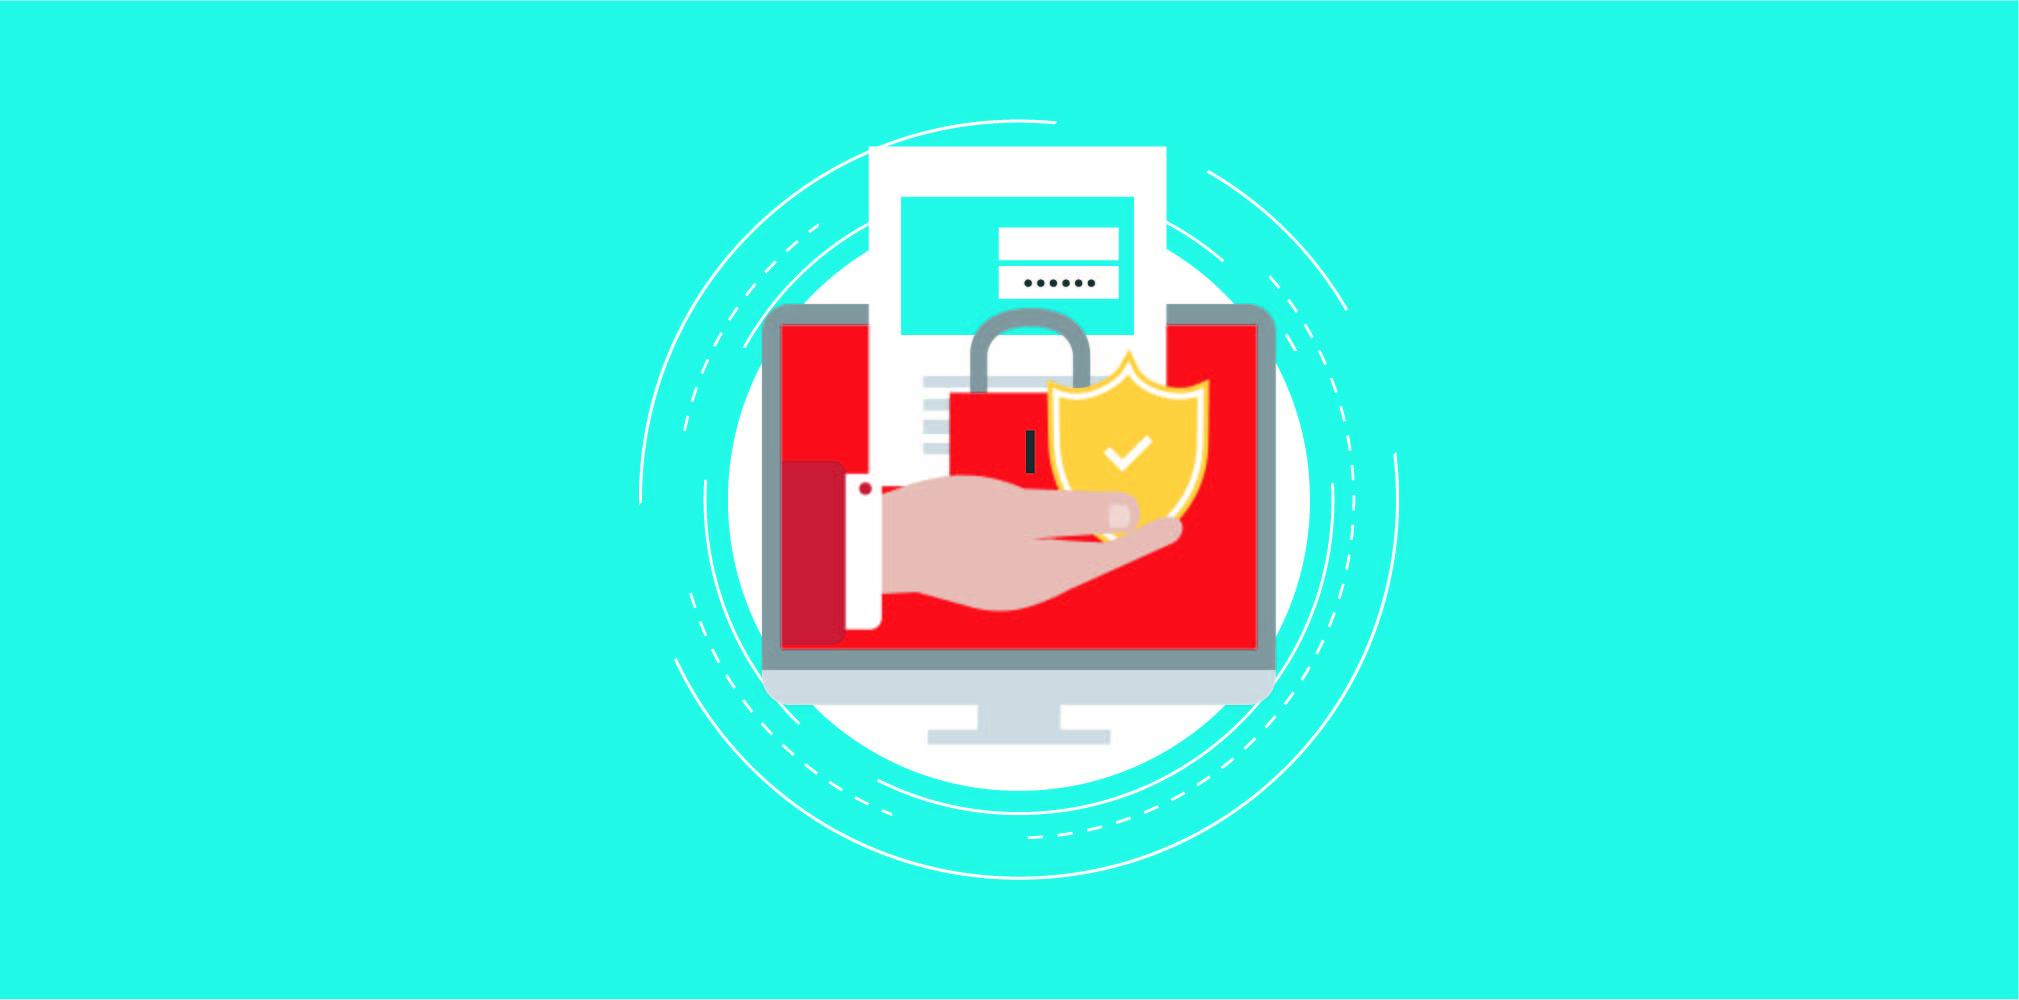 Internet exige a los profesionales tomar medidas de seguridad a la hora de ingresar en las cuentas privadas de las distintas plataformas